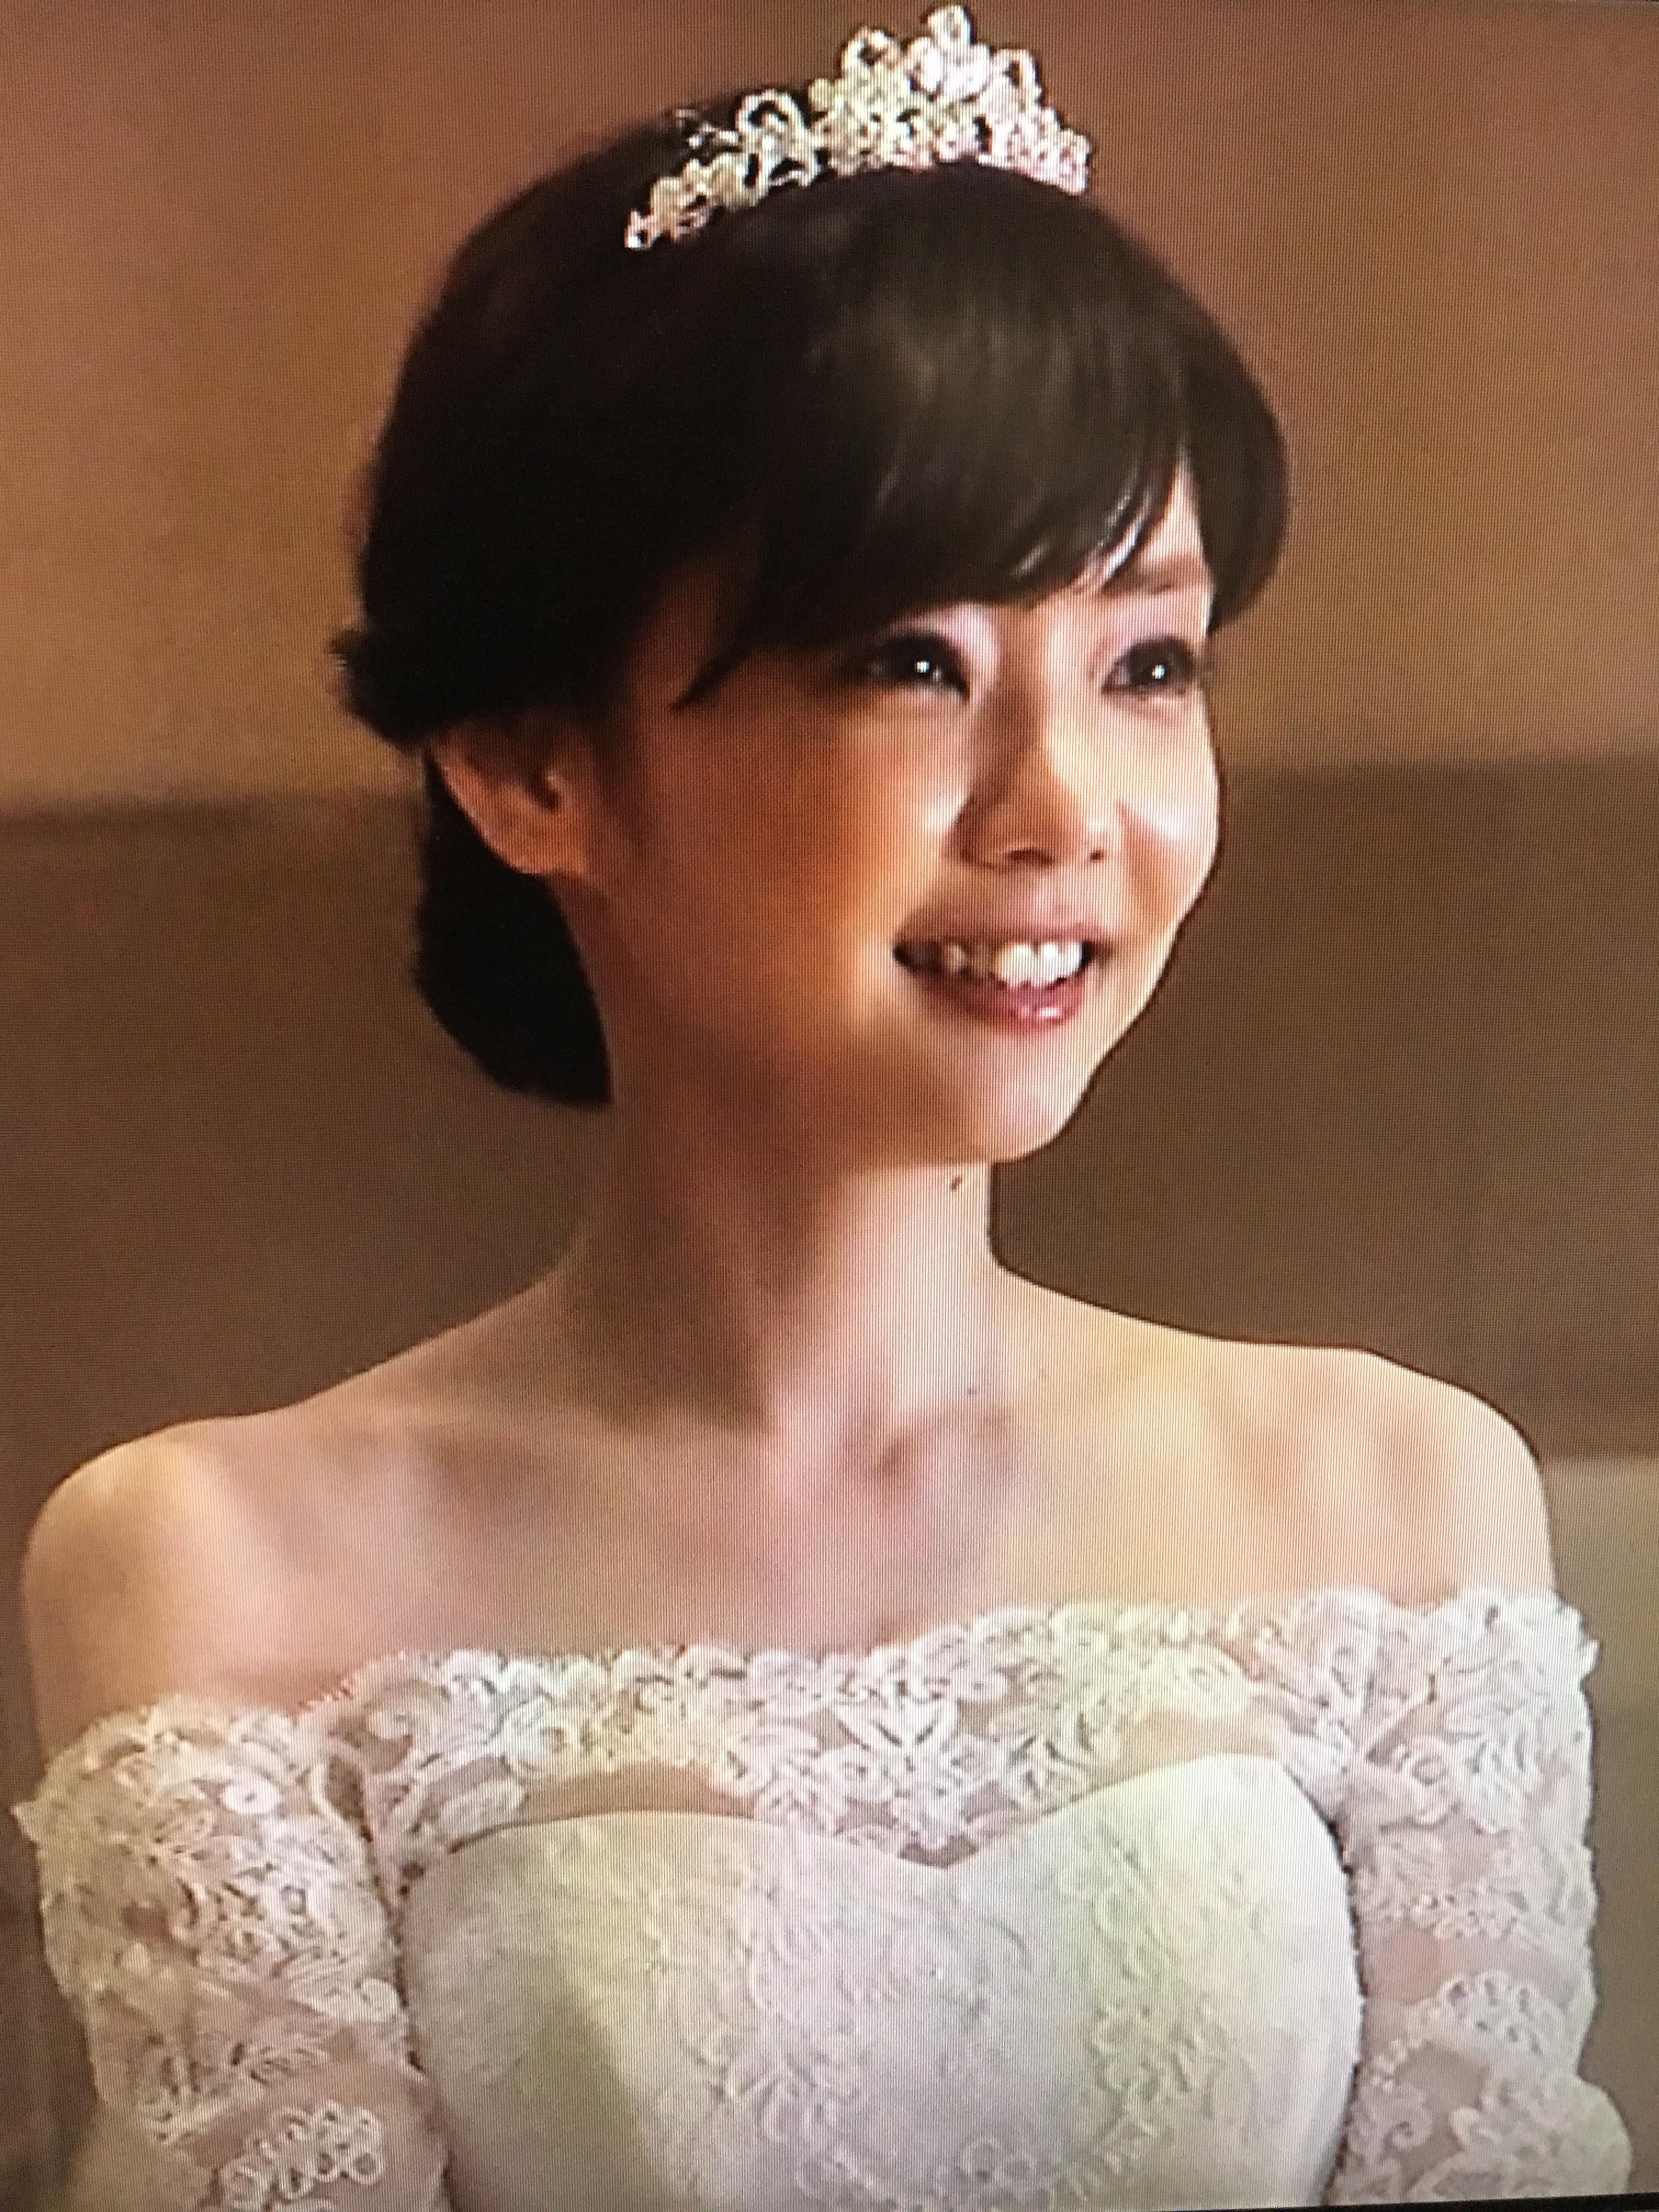 倉科カナ(奪い愛、冬)2話の衣装は?婚約指輪やウェディングドレスが気になる!